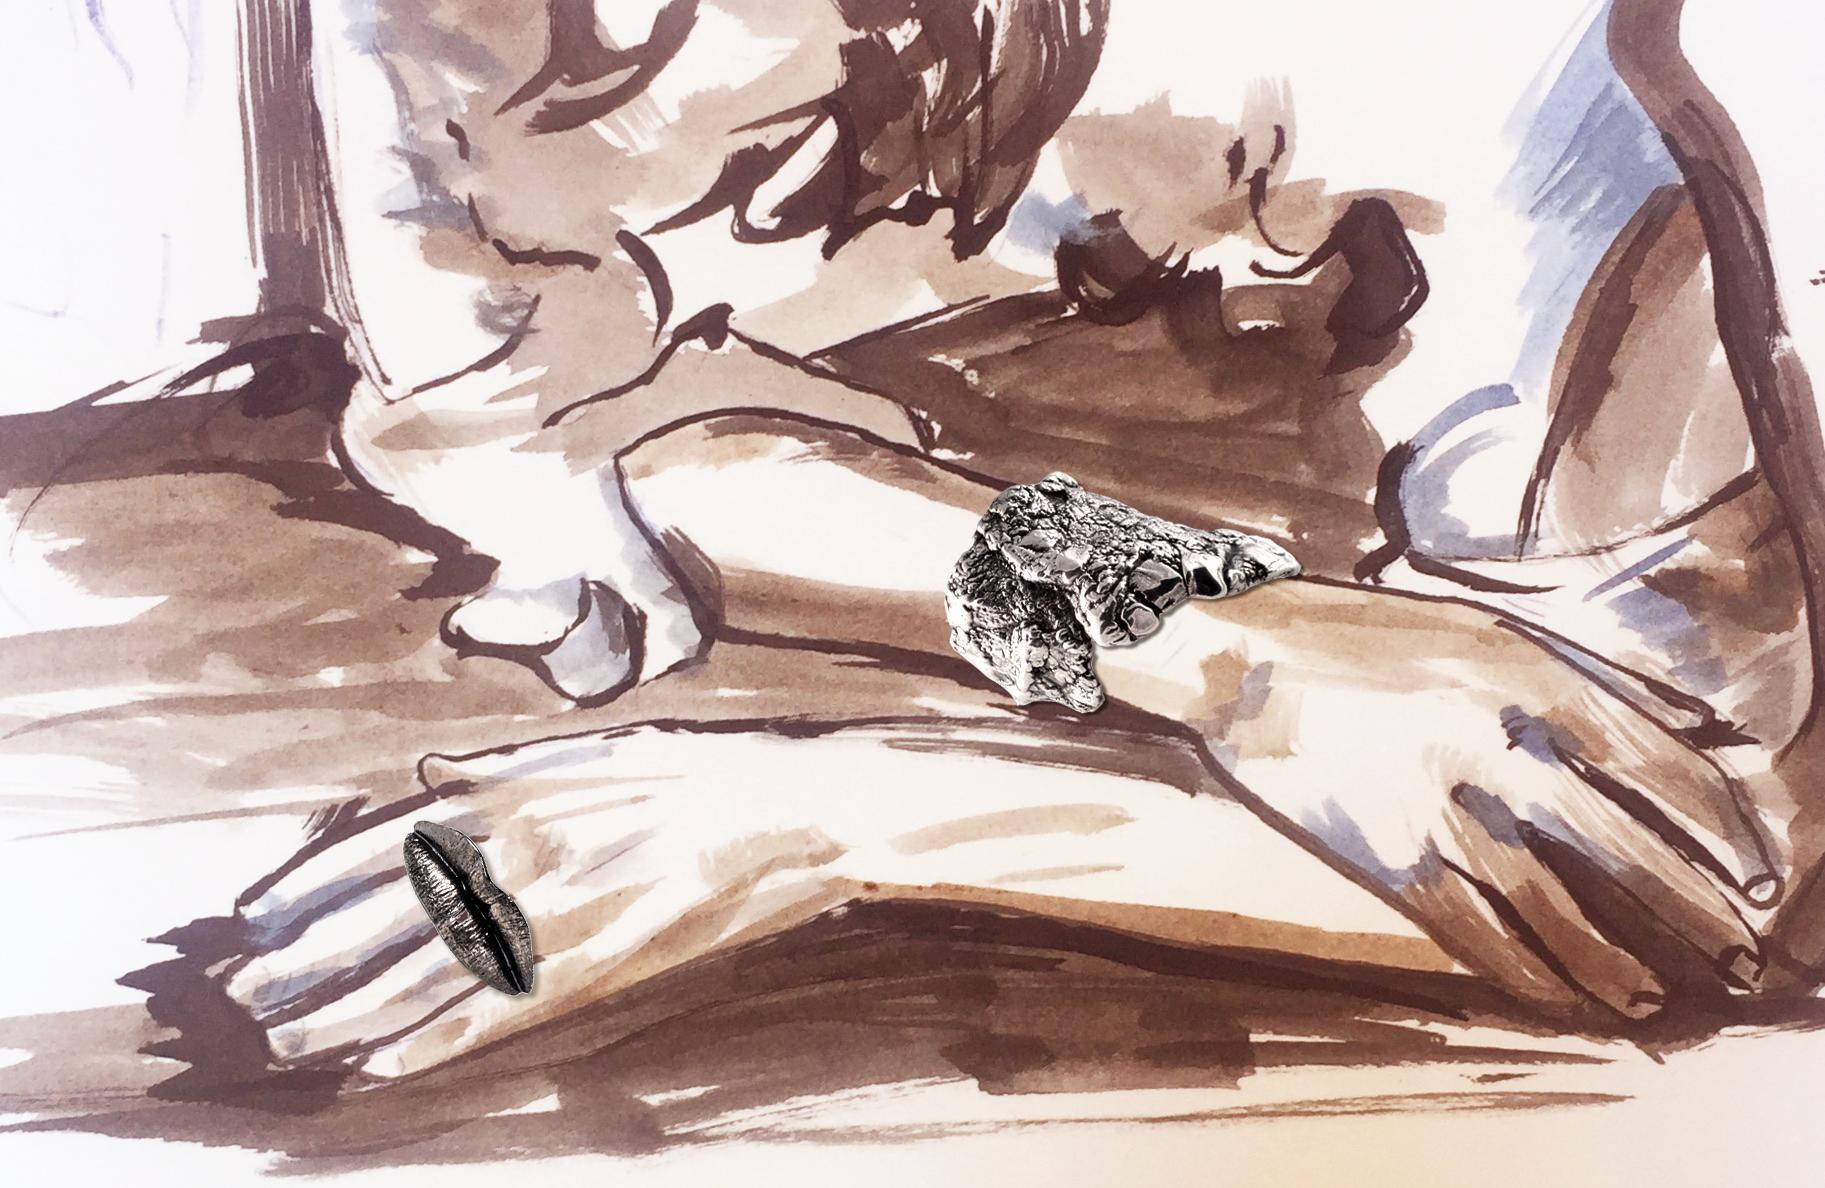 13- Jannis Kounellis Labbra (Lips) ring; Liliane Lijn Pointed Meteor cuff